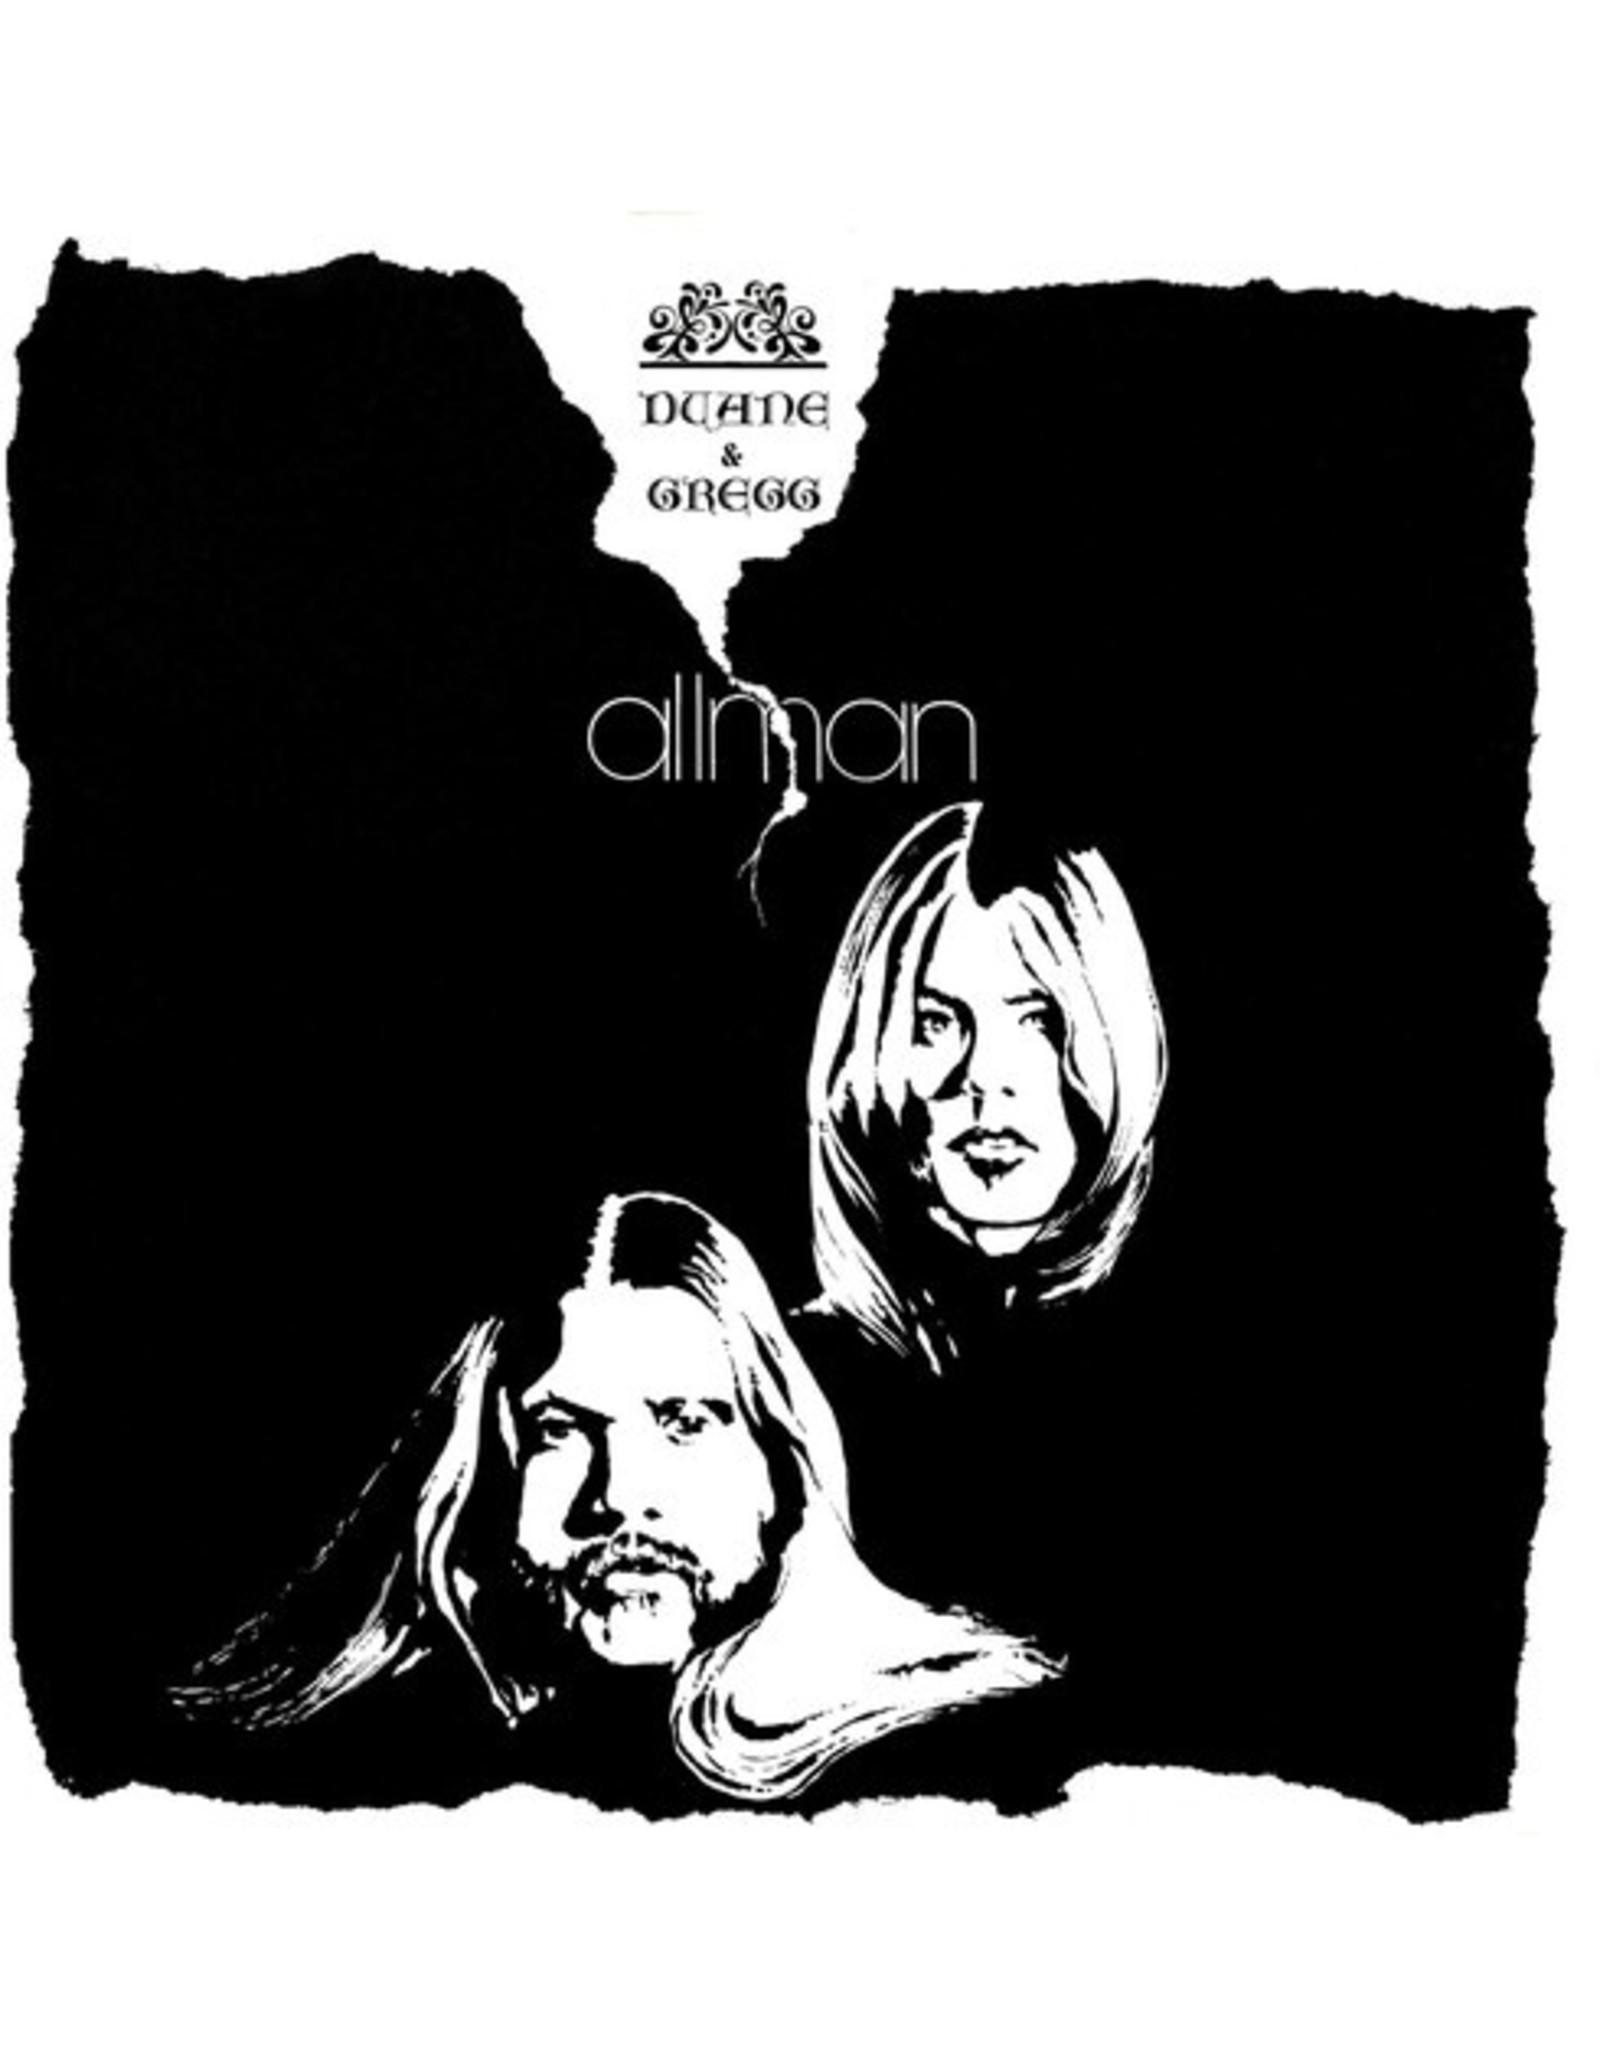 Duane & Gregg Allman - S/T LP